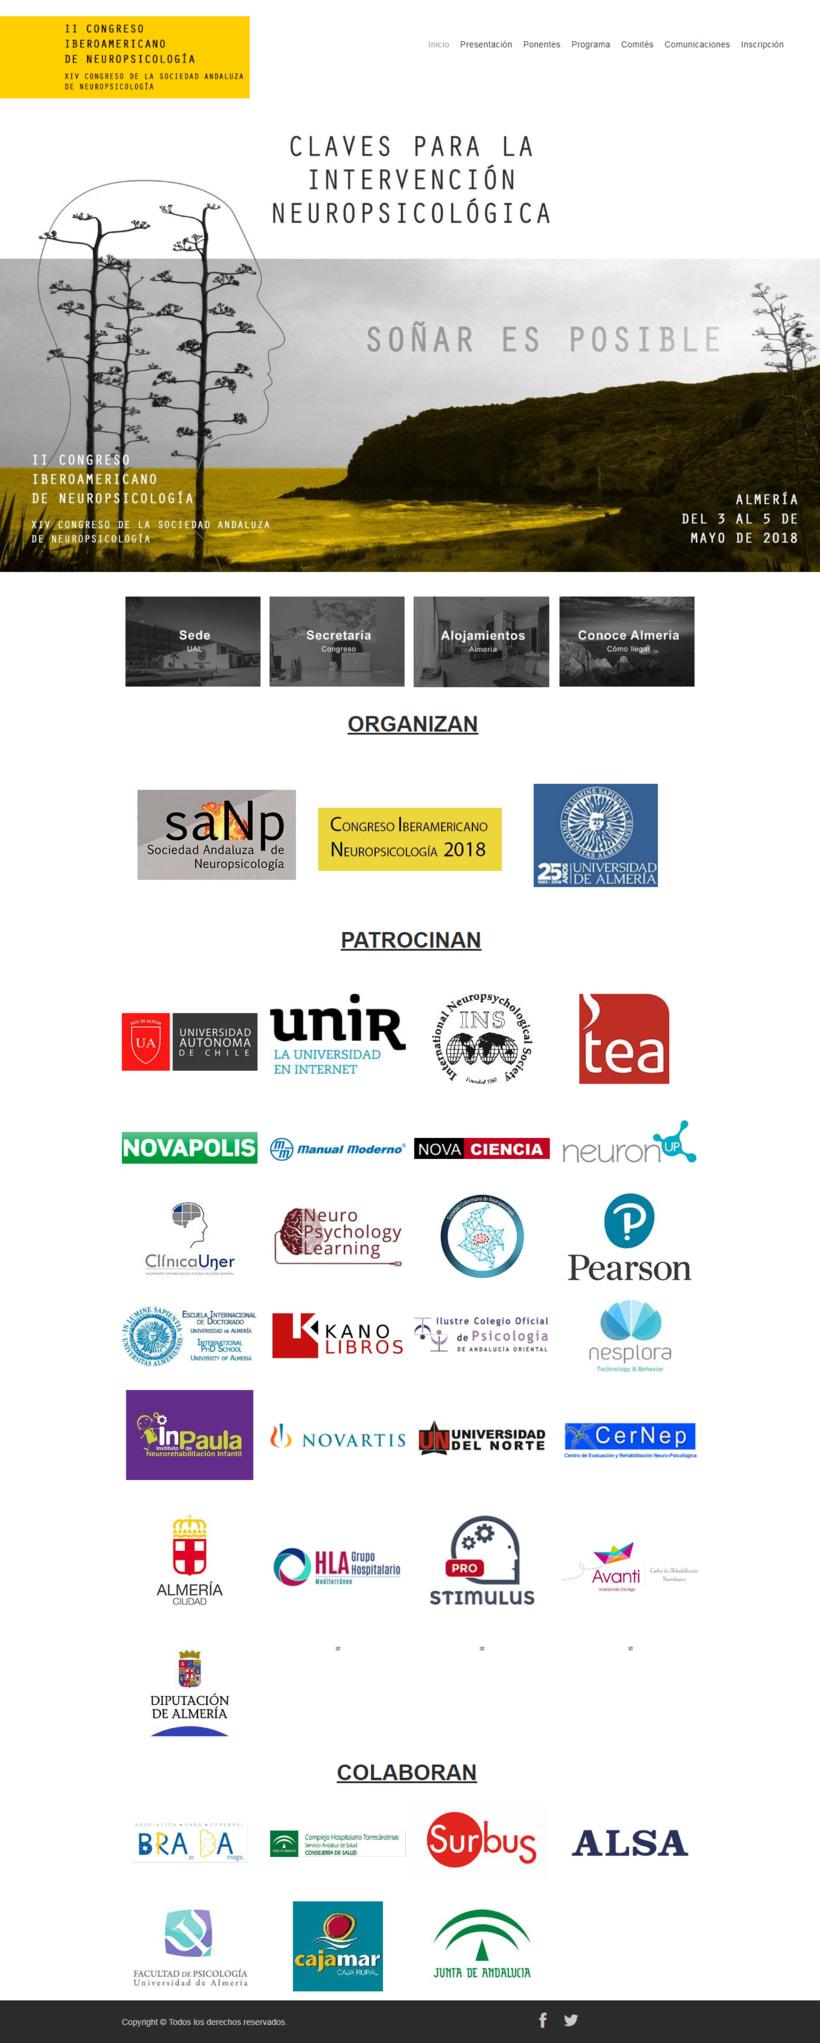 Diseño Gráfico y Web del Congreso Iberoamericano de Neuropsicolgía 2